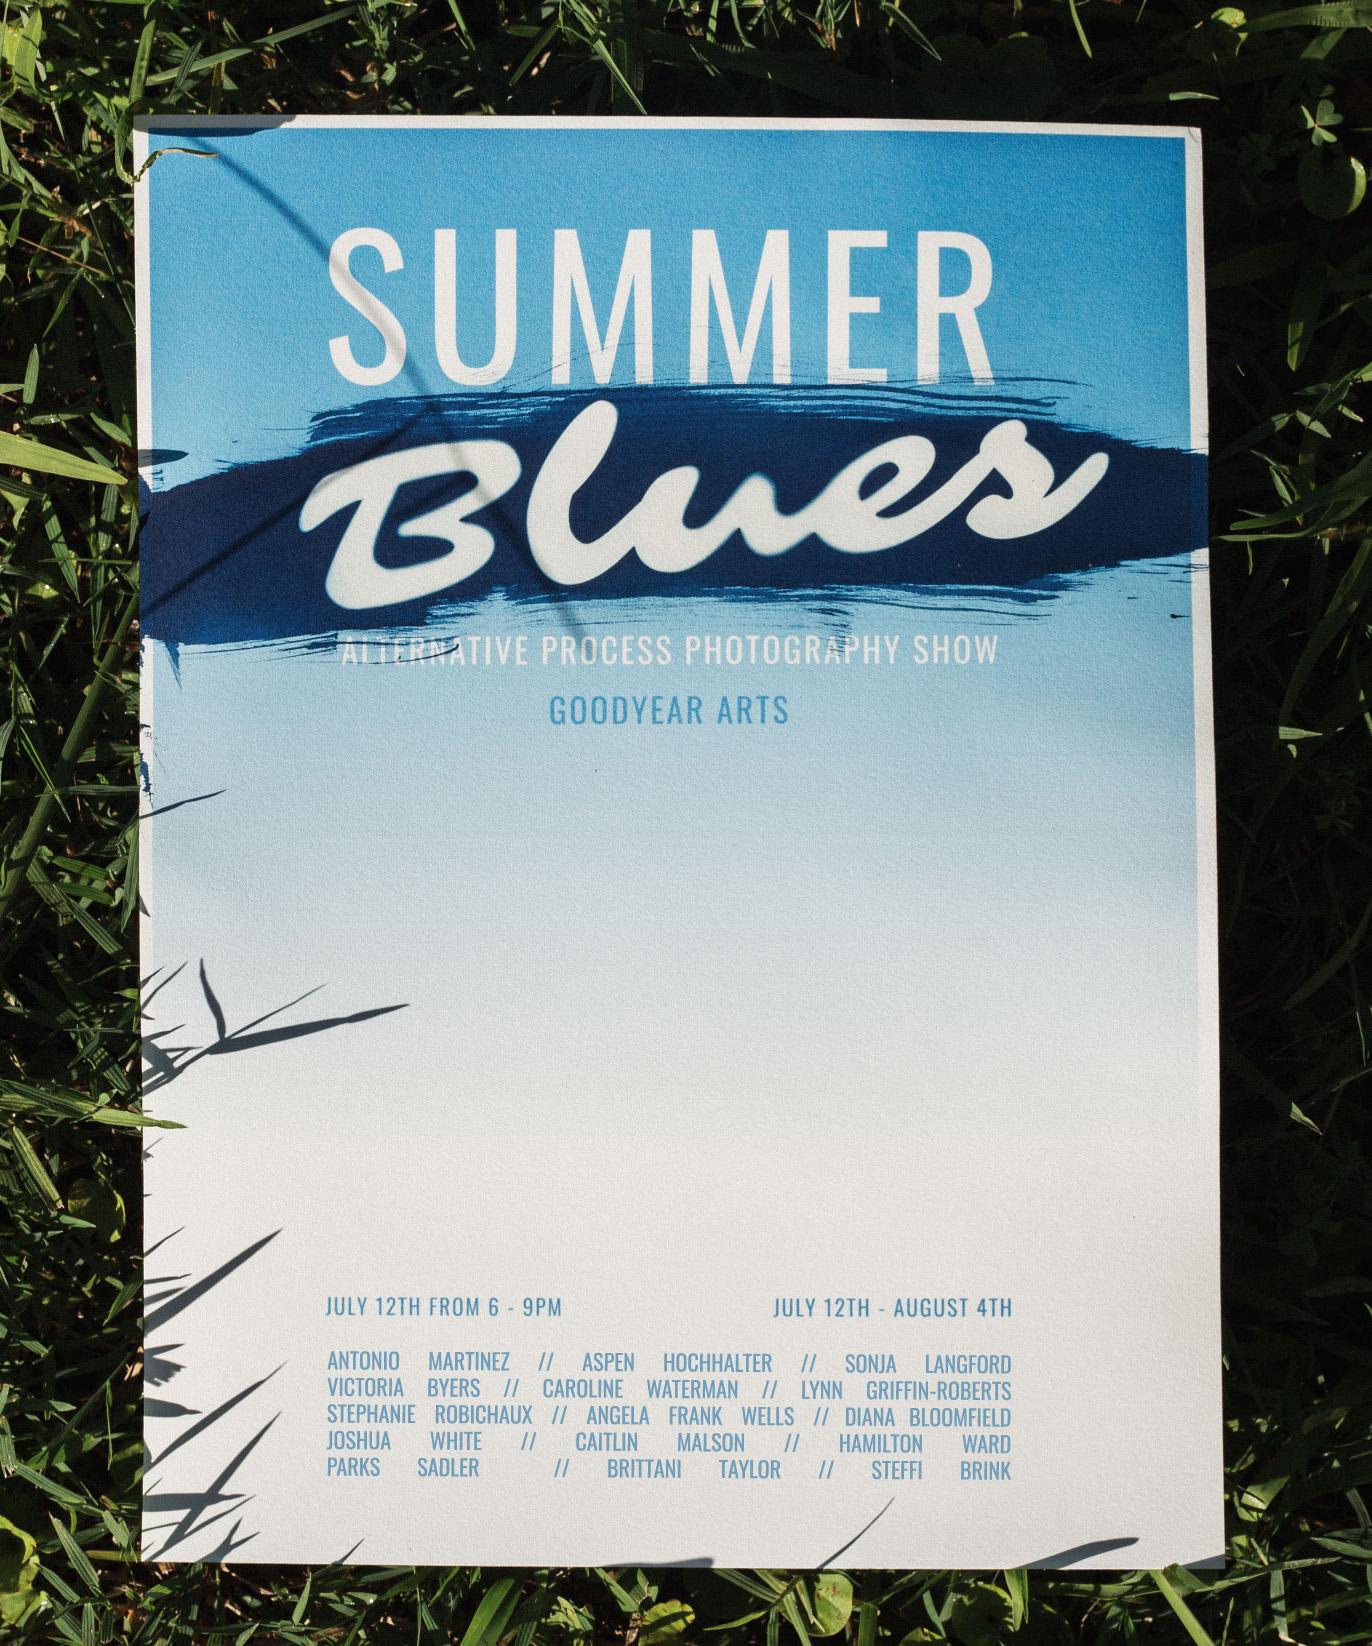 Summer Blues  Poster design by Parks Sadler